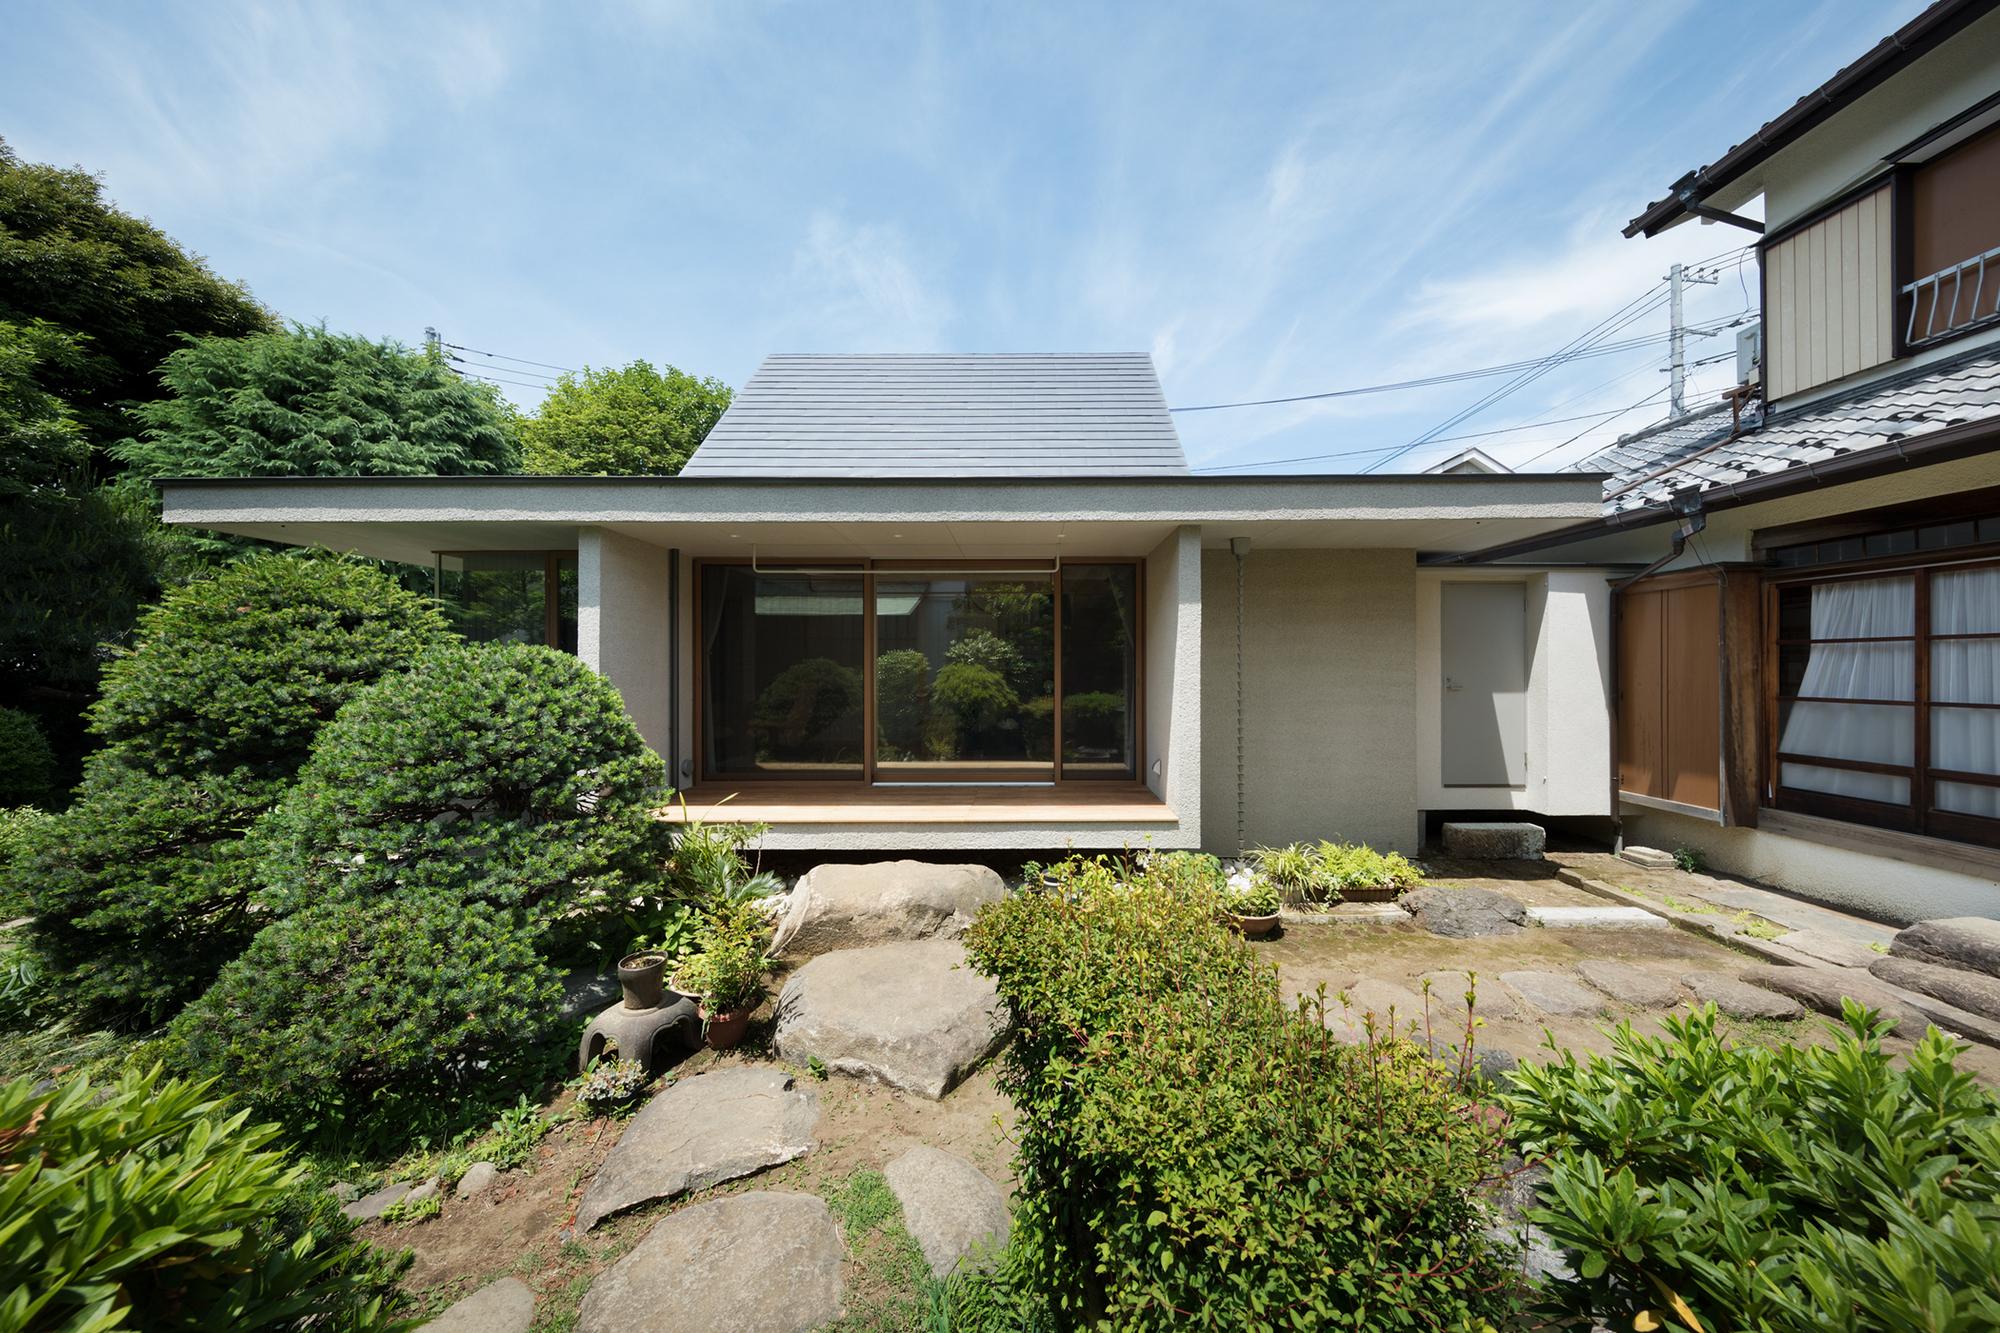 Dutch Gable Roof House / Hiroki Tominaga-Atelier | ArchDaily